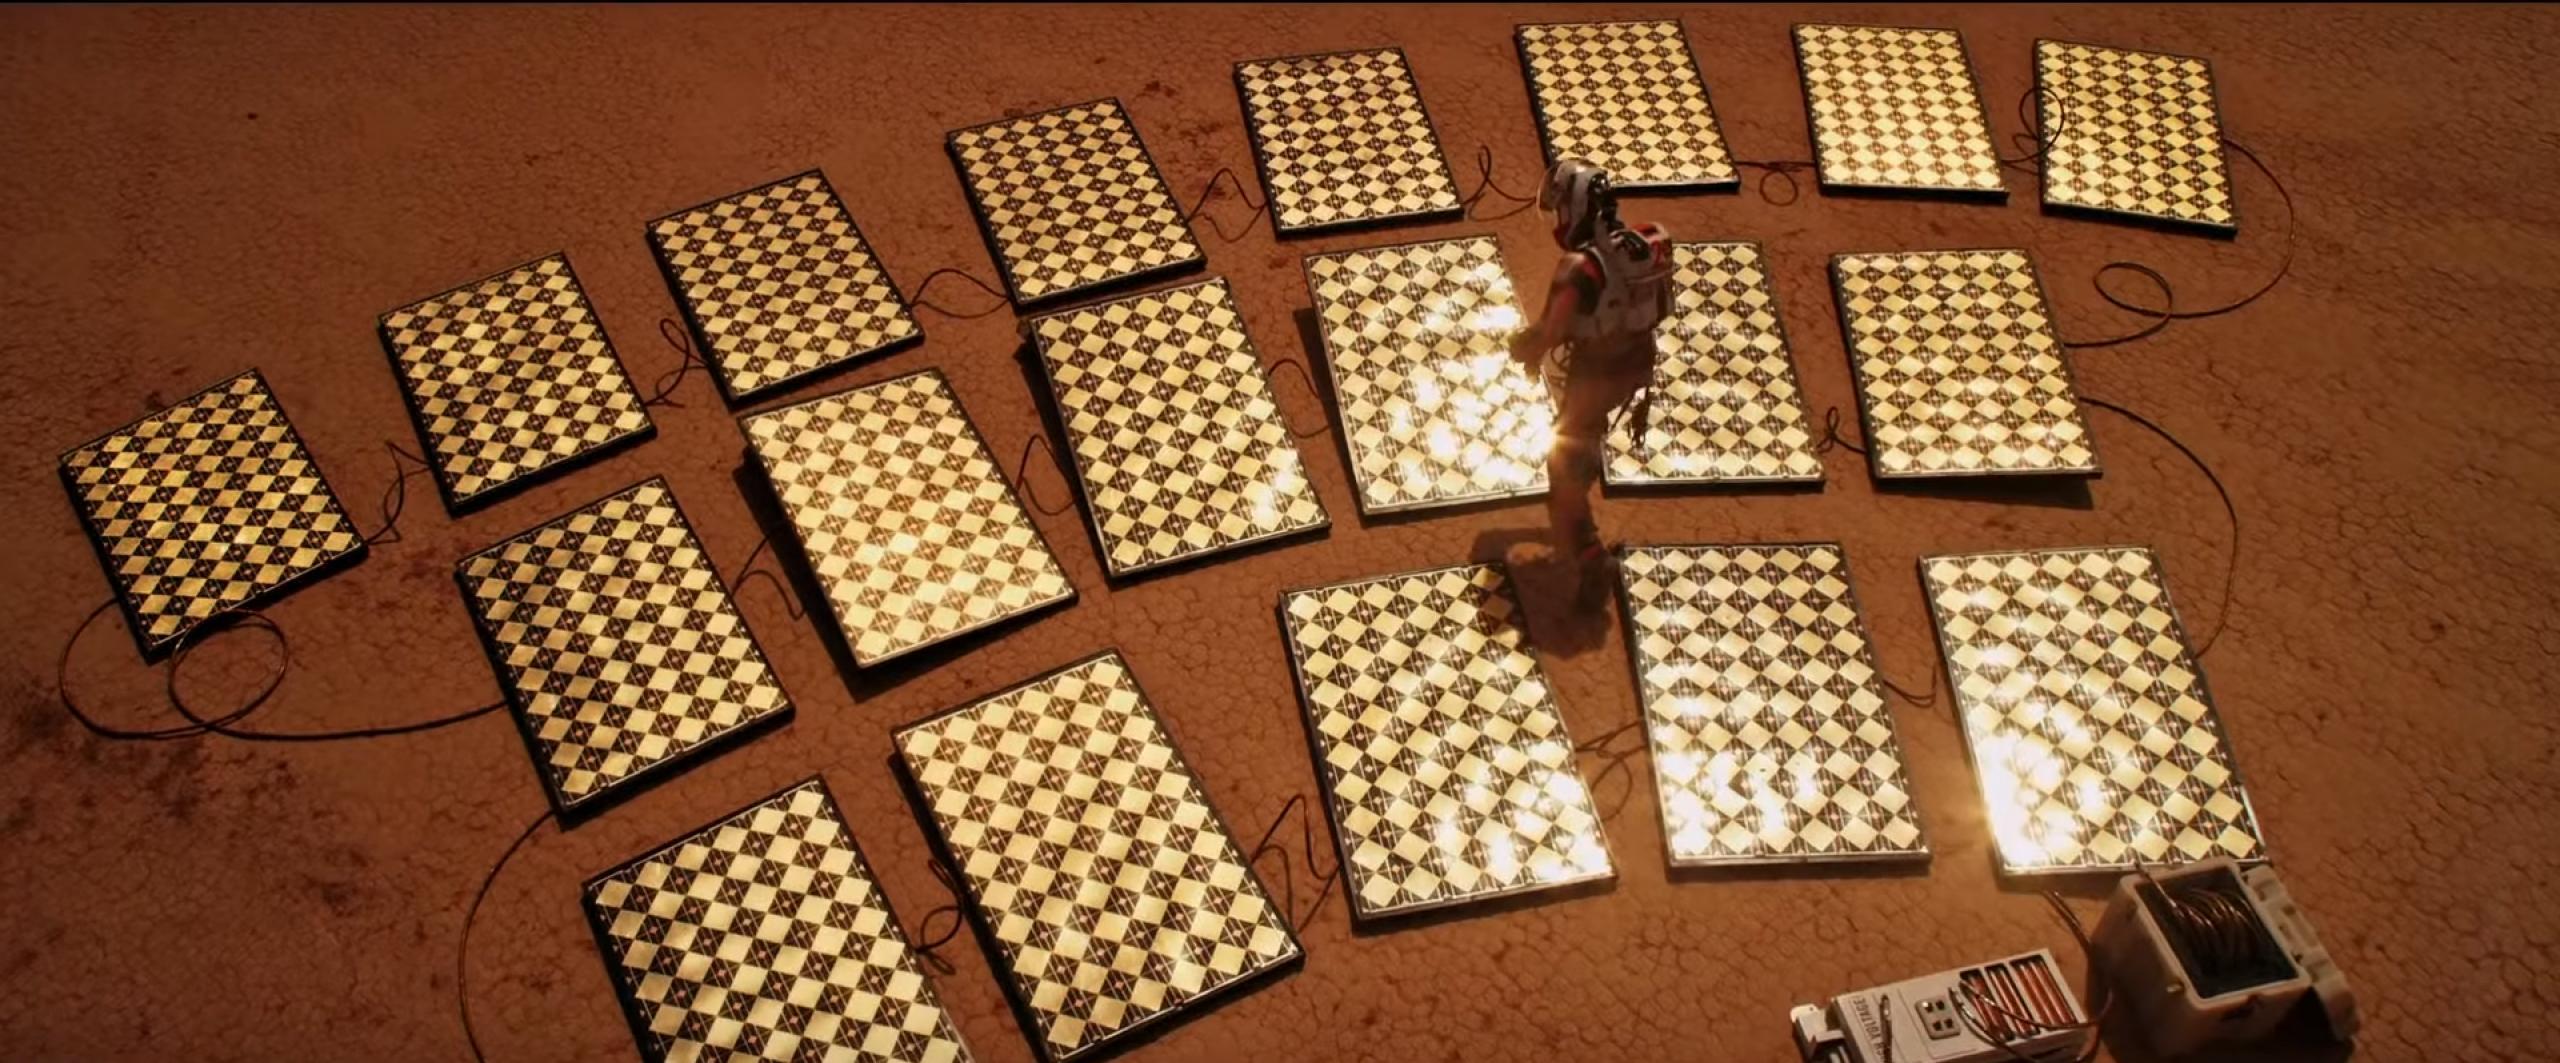 Paneles solares en 'The Martian'